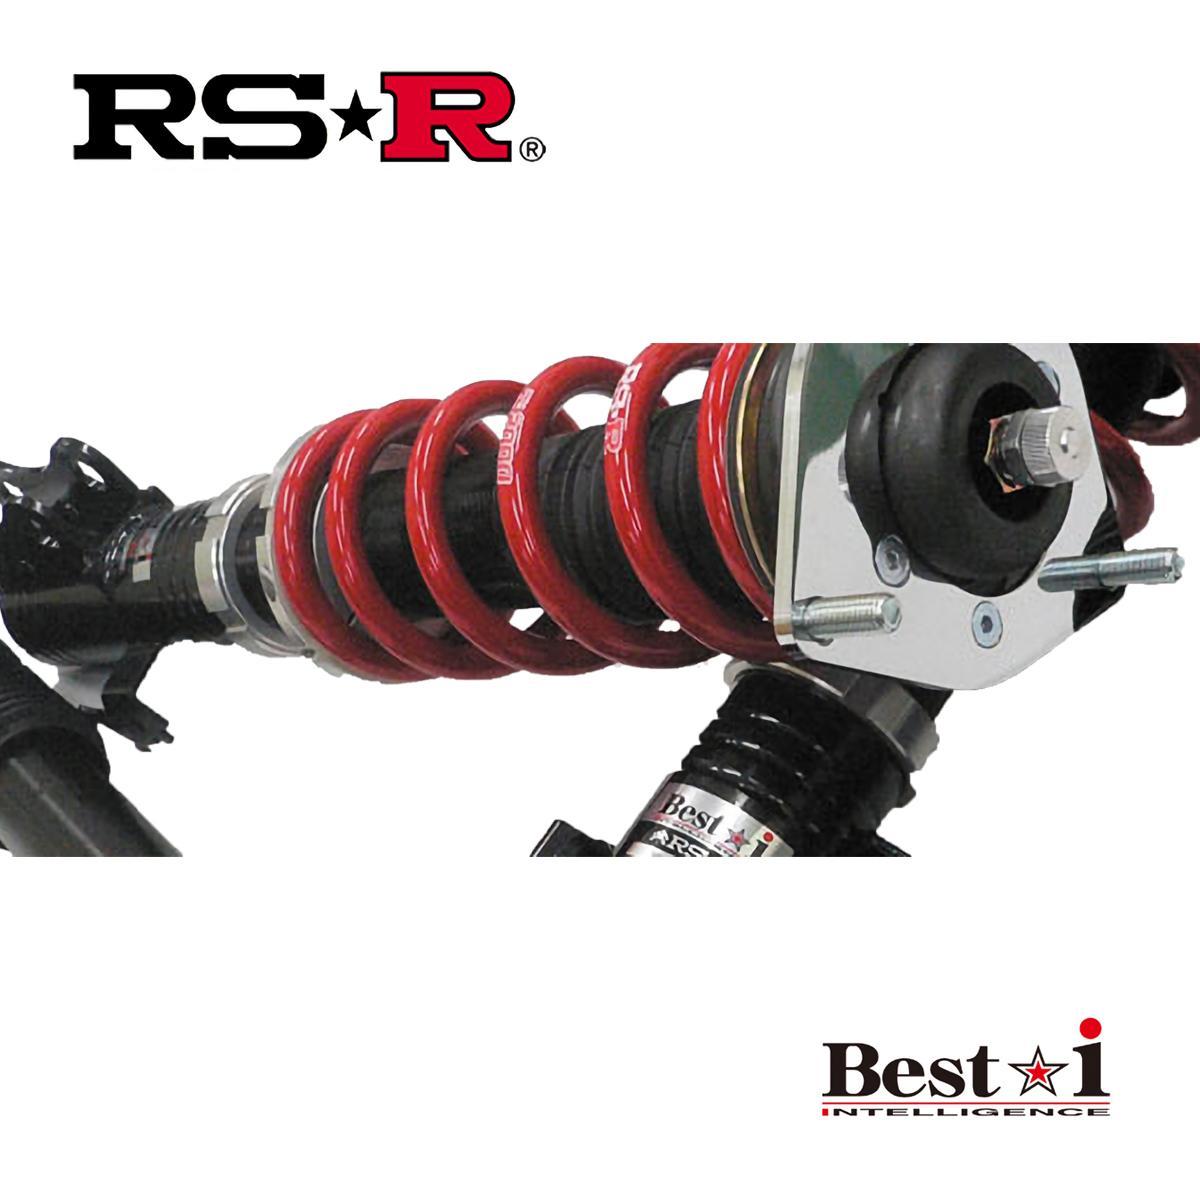 RS-R プリウス A ZVW55 車高調 リア車高調整:ネジ式/ソフトバネレート仕様 BIT580S ベストi RSR 個人宅発送追金有